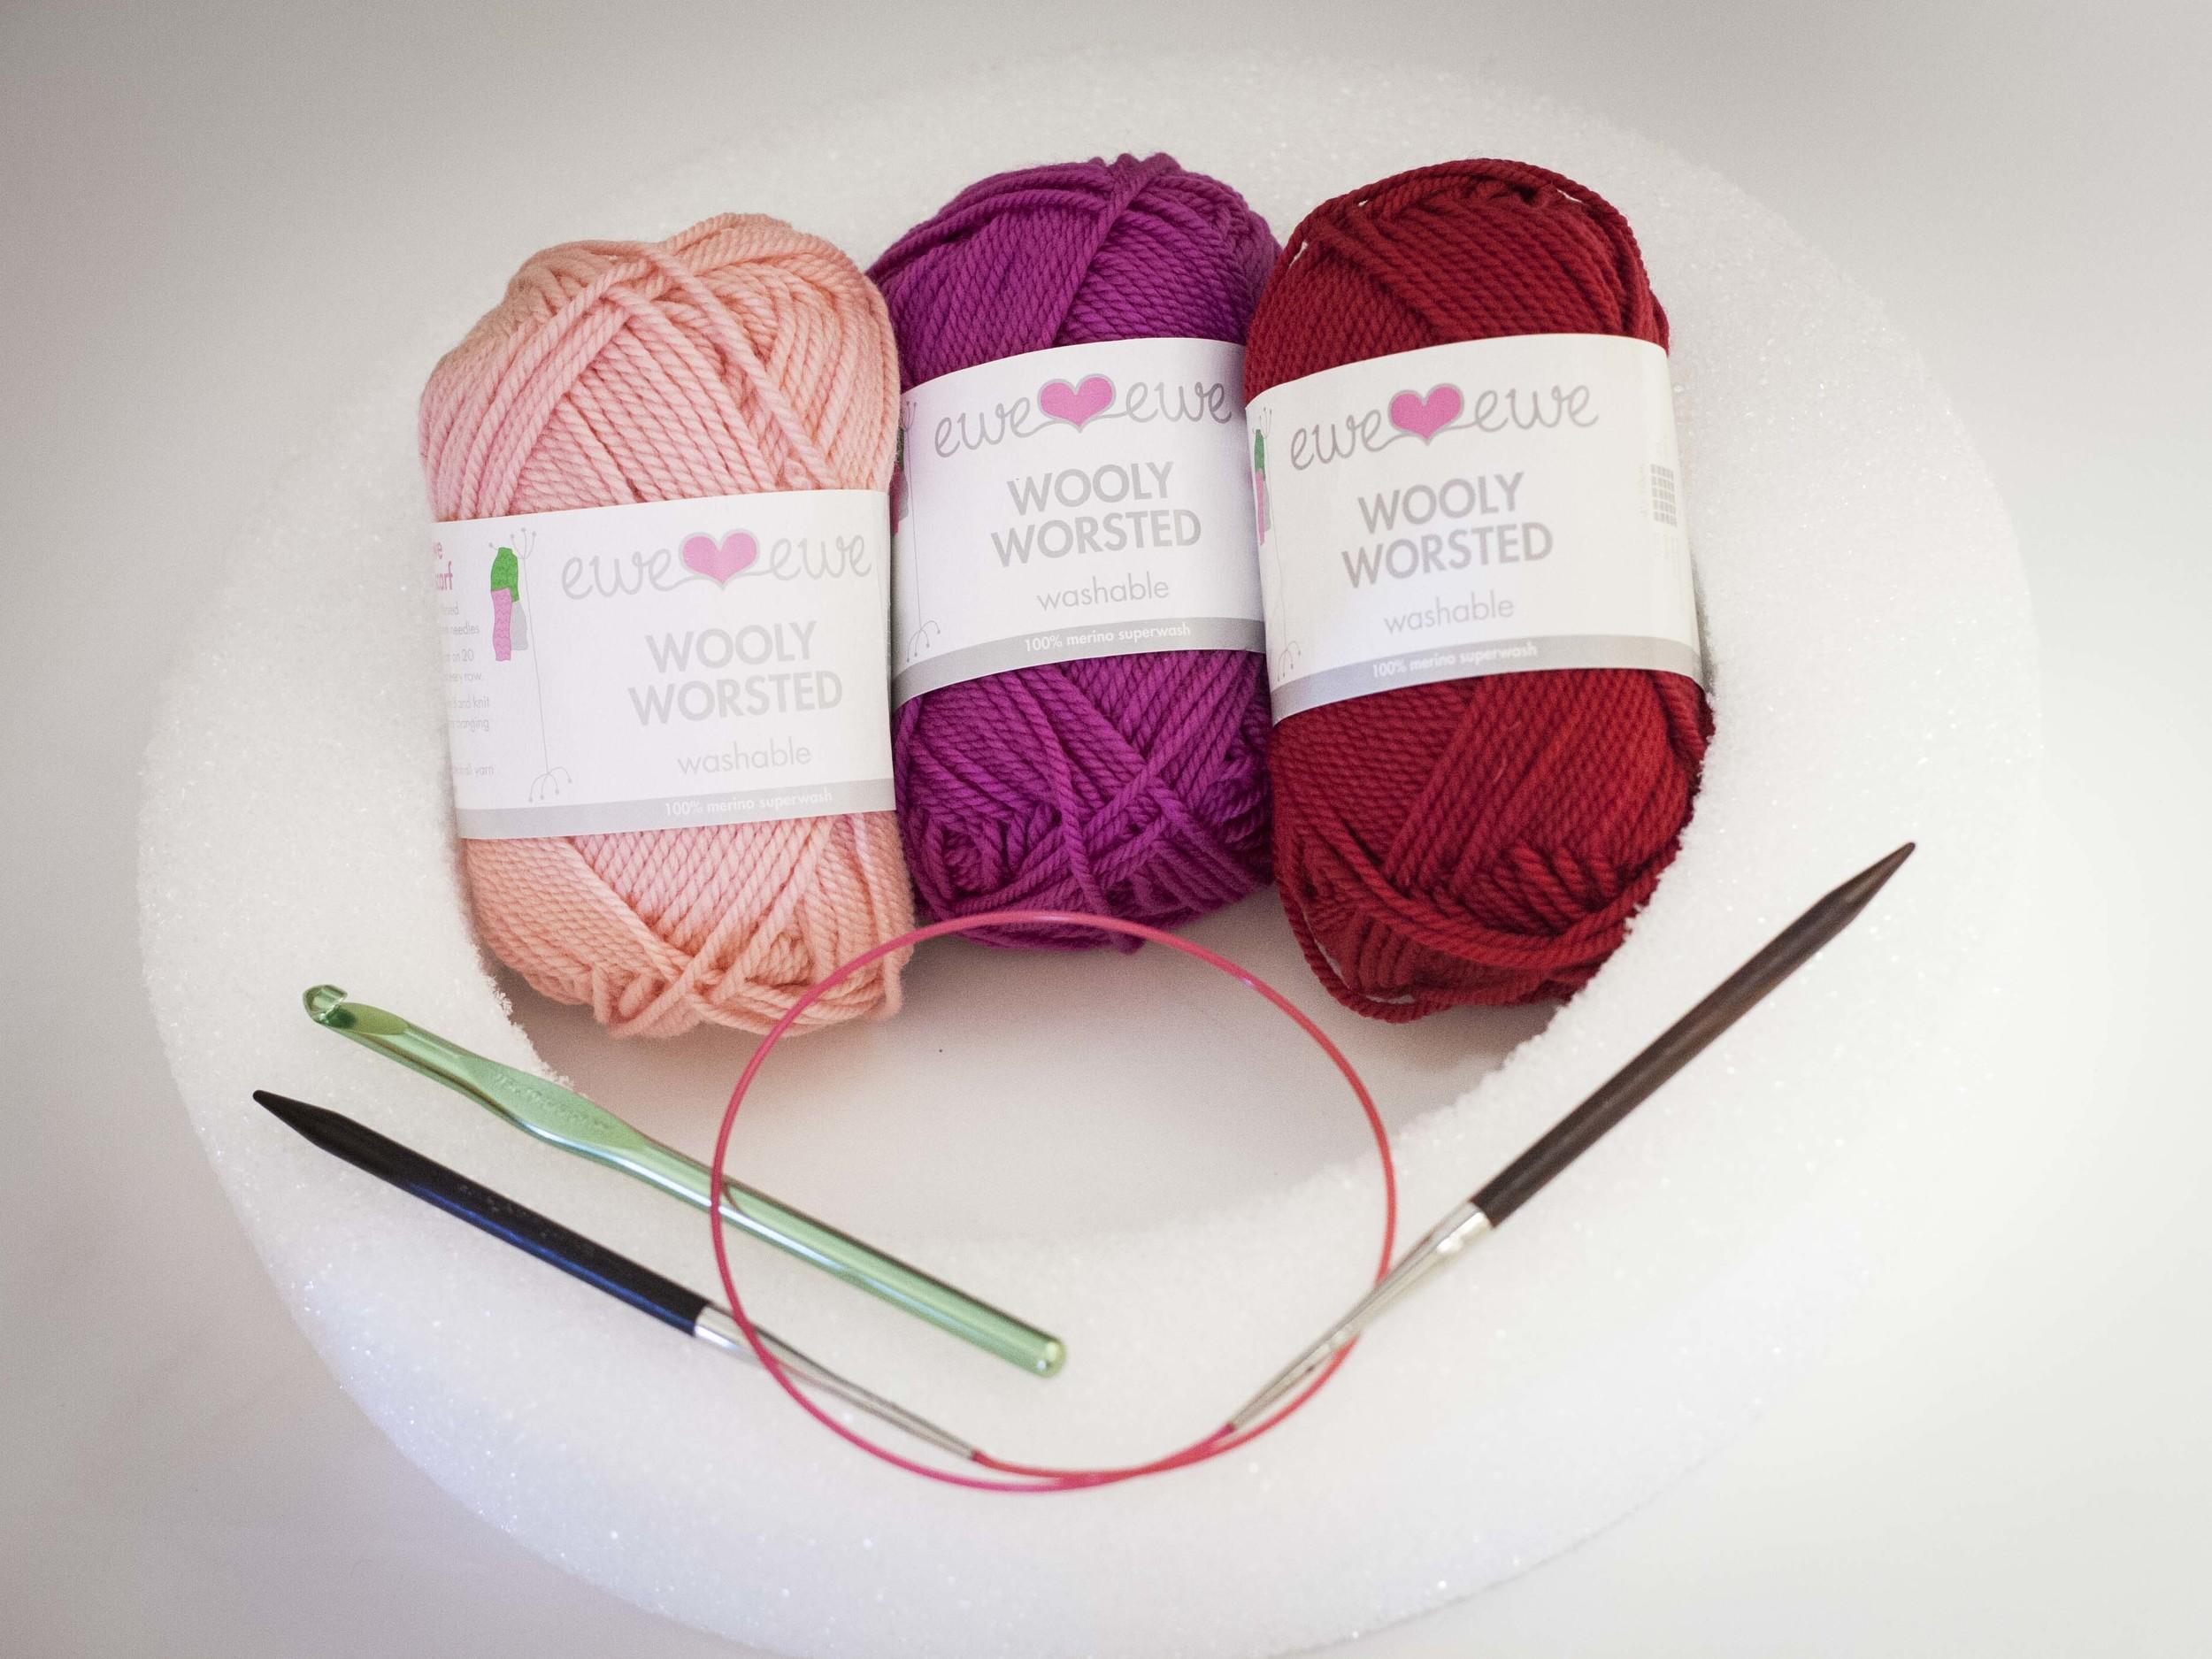 Wreath knitting supplies